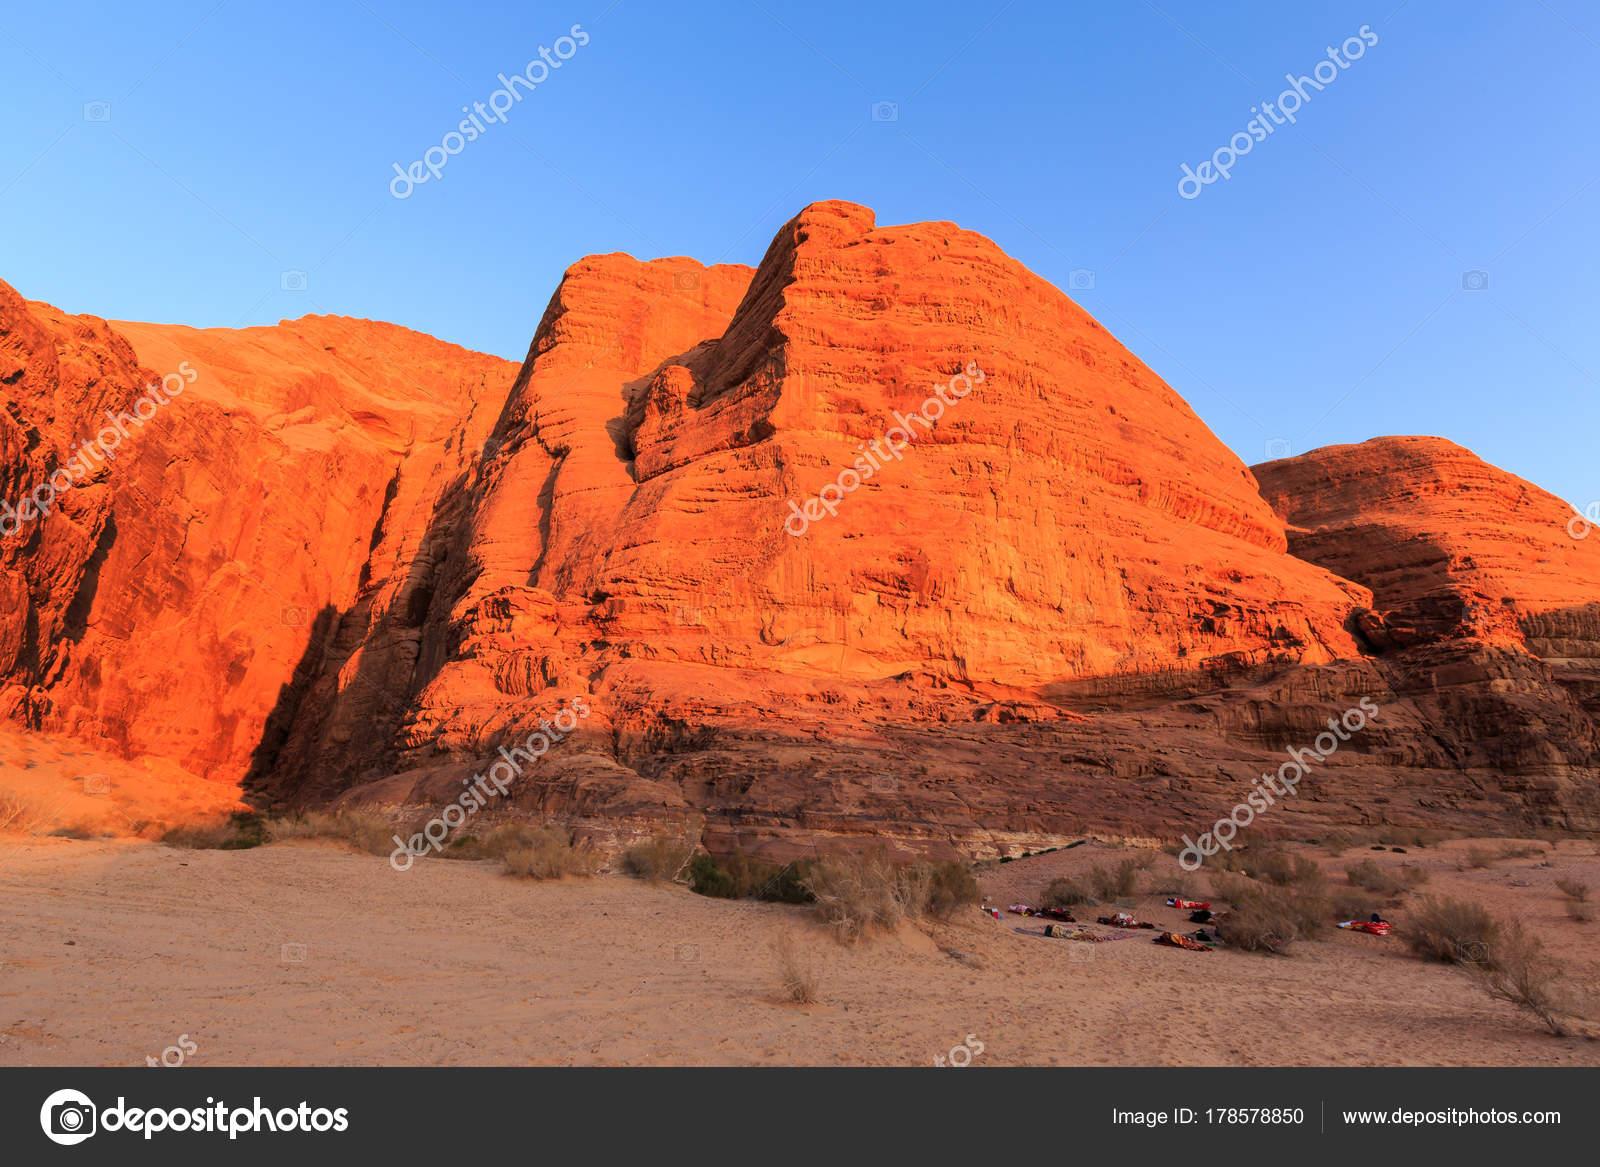 Slapen Op Grond : Buiten slapen op de grond met rode gekleurde rotsen in de wa